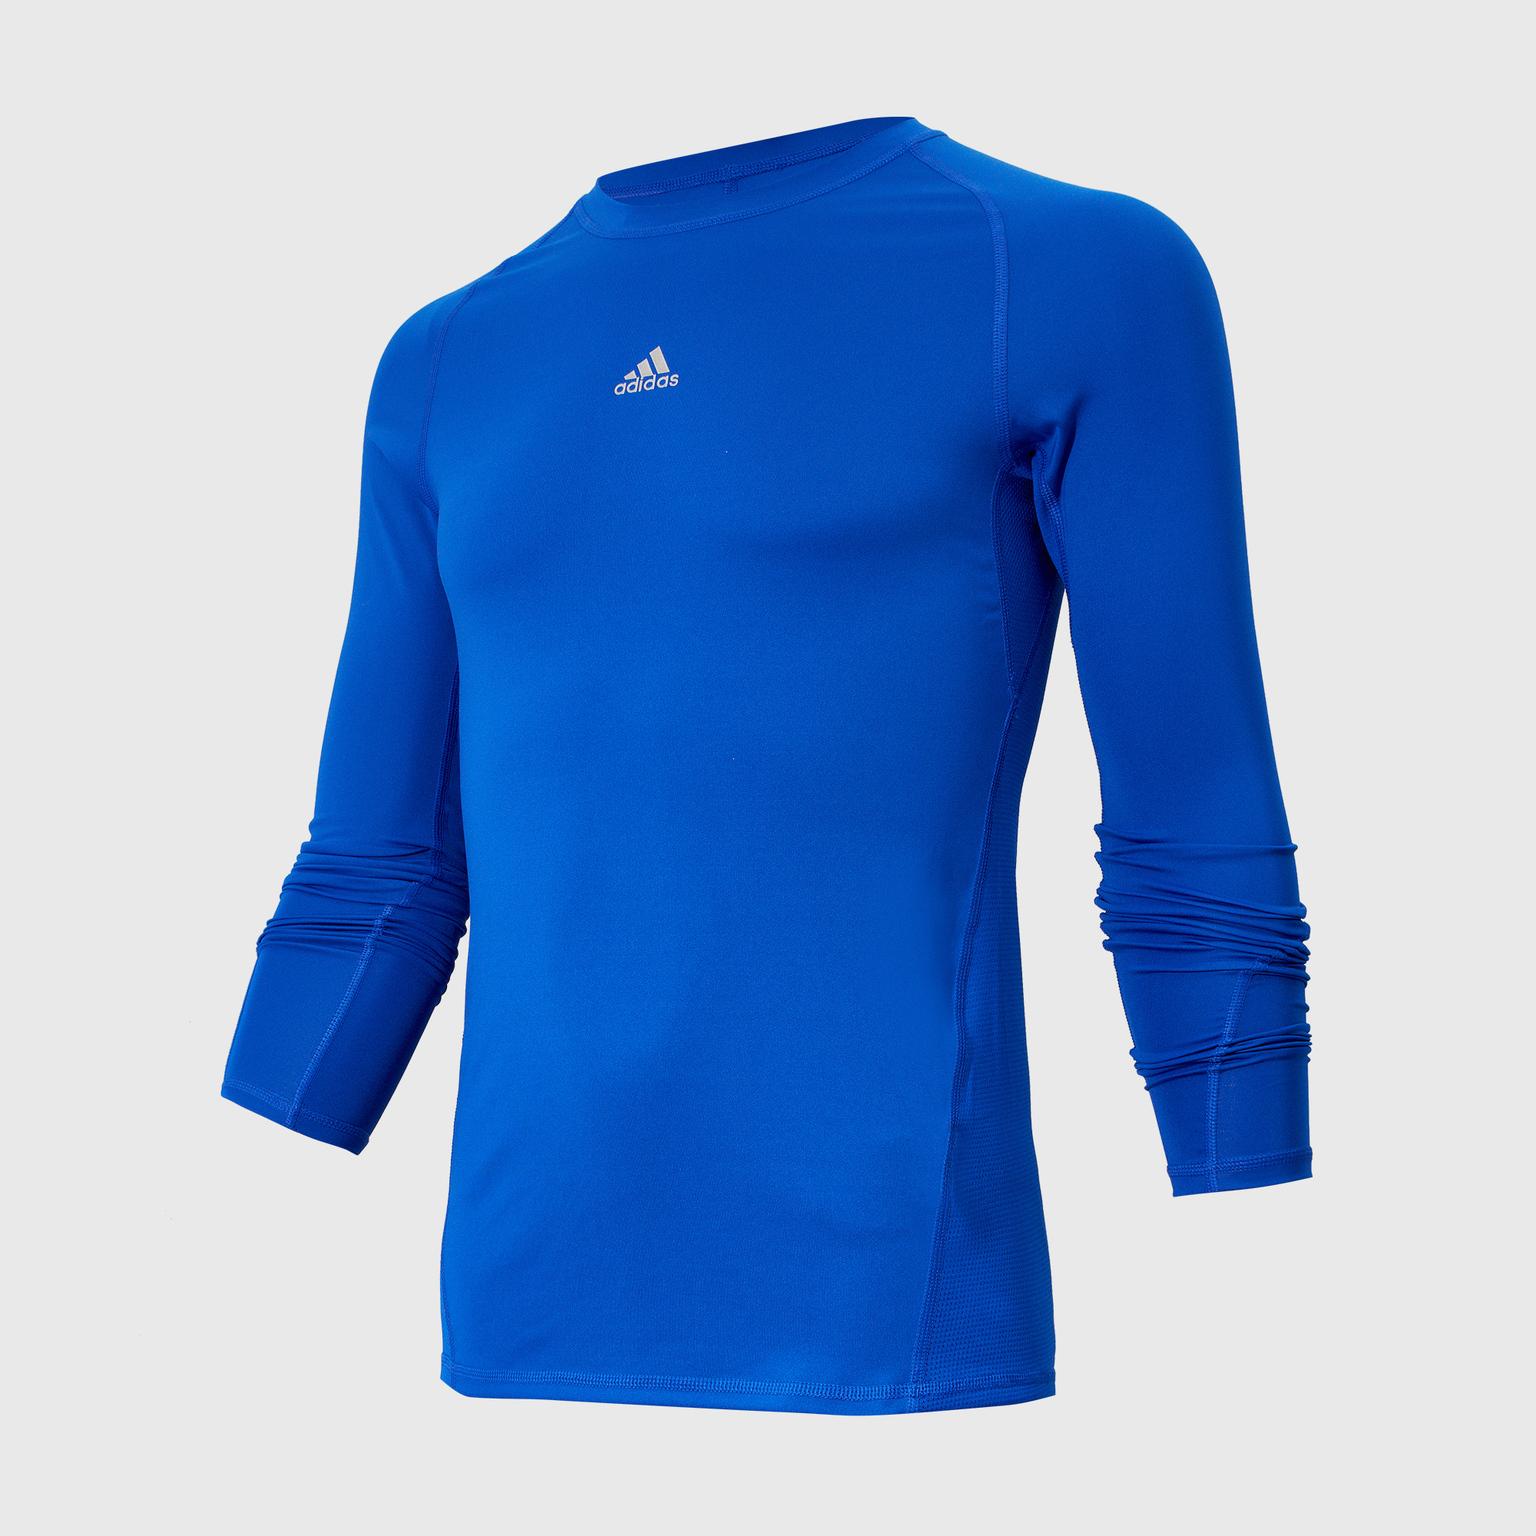 Белье футболка подростковая Adidas LS Tee CW7323